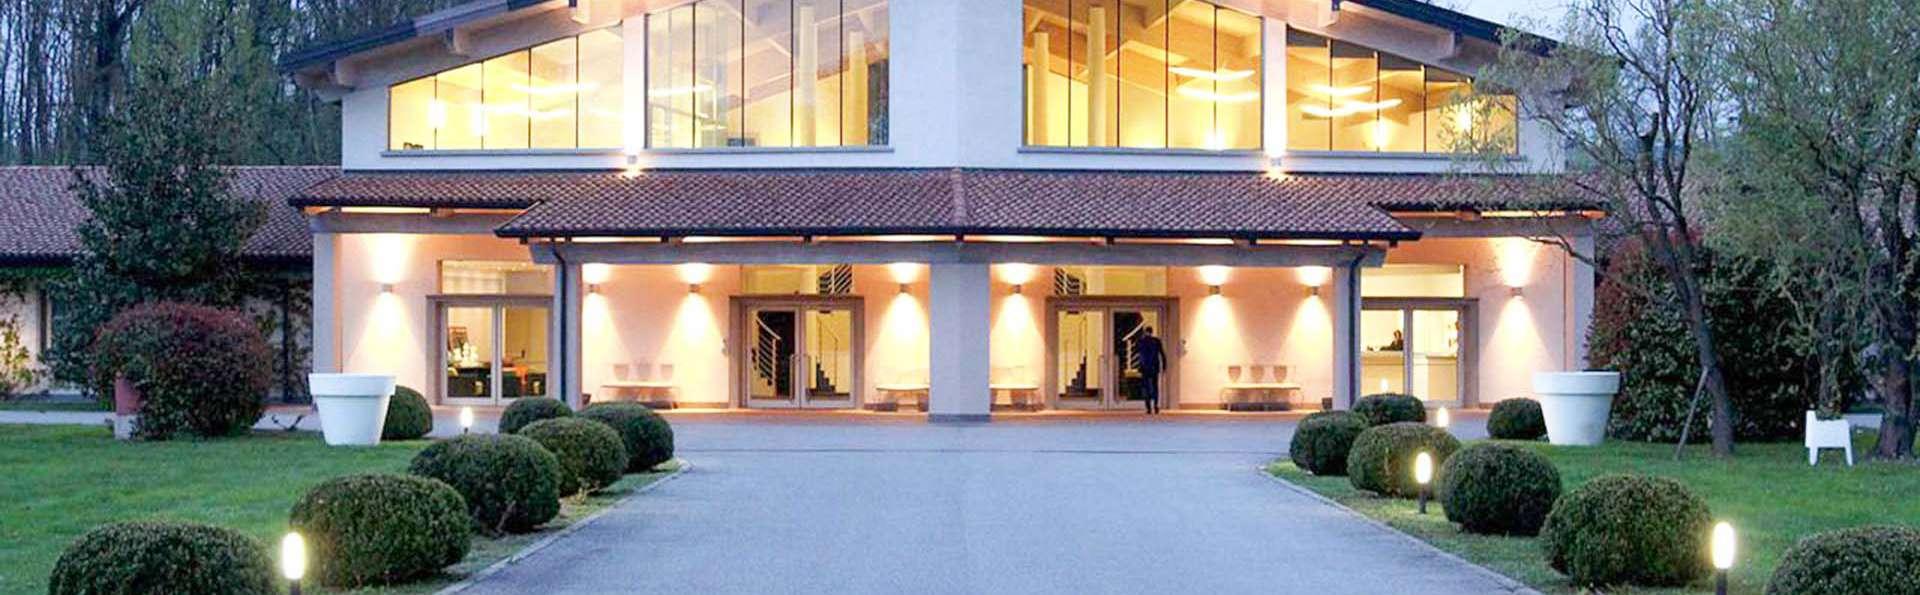 Capolago Hotel - EDIT_EXTERIOR_foto_ingresso_01.jpg